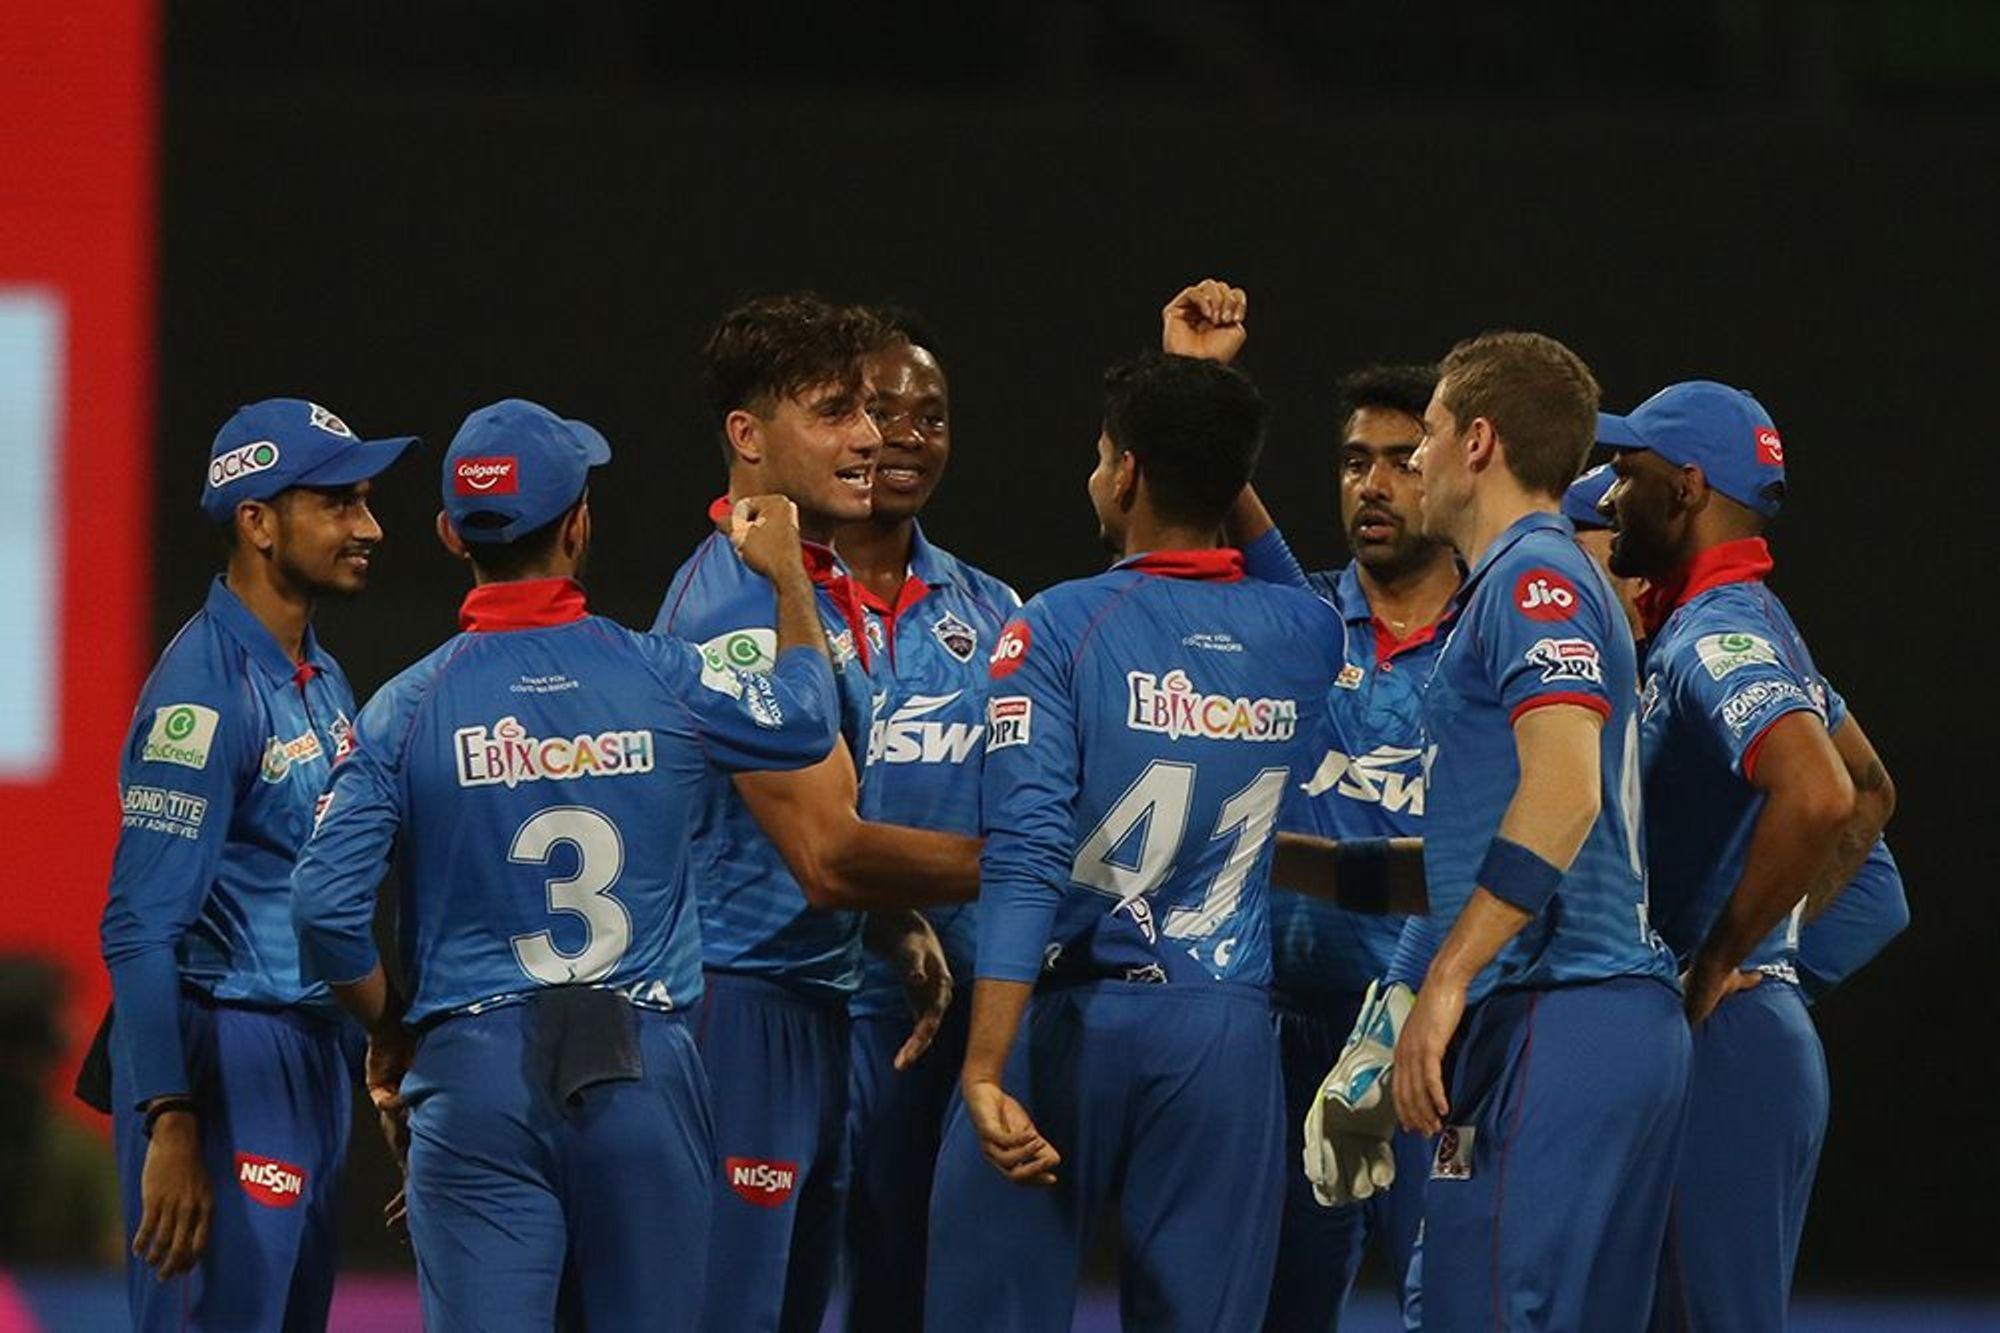 दिल्ली क्यापिटल्स पहिलो पटक आईपीएलको फाइनलमा :IPL CRICKET